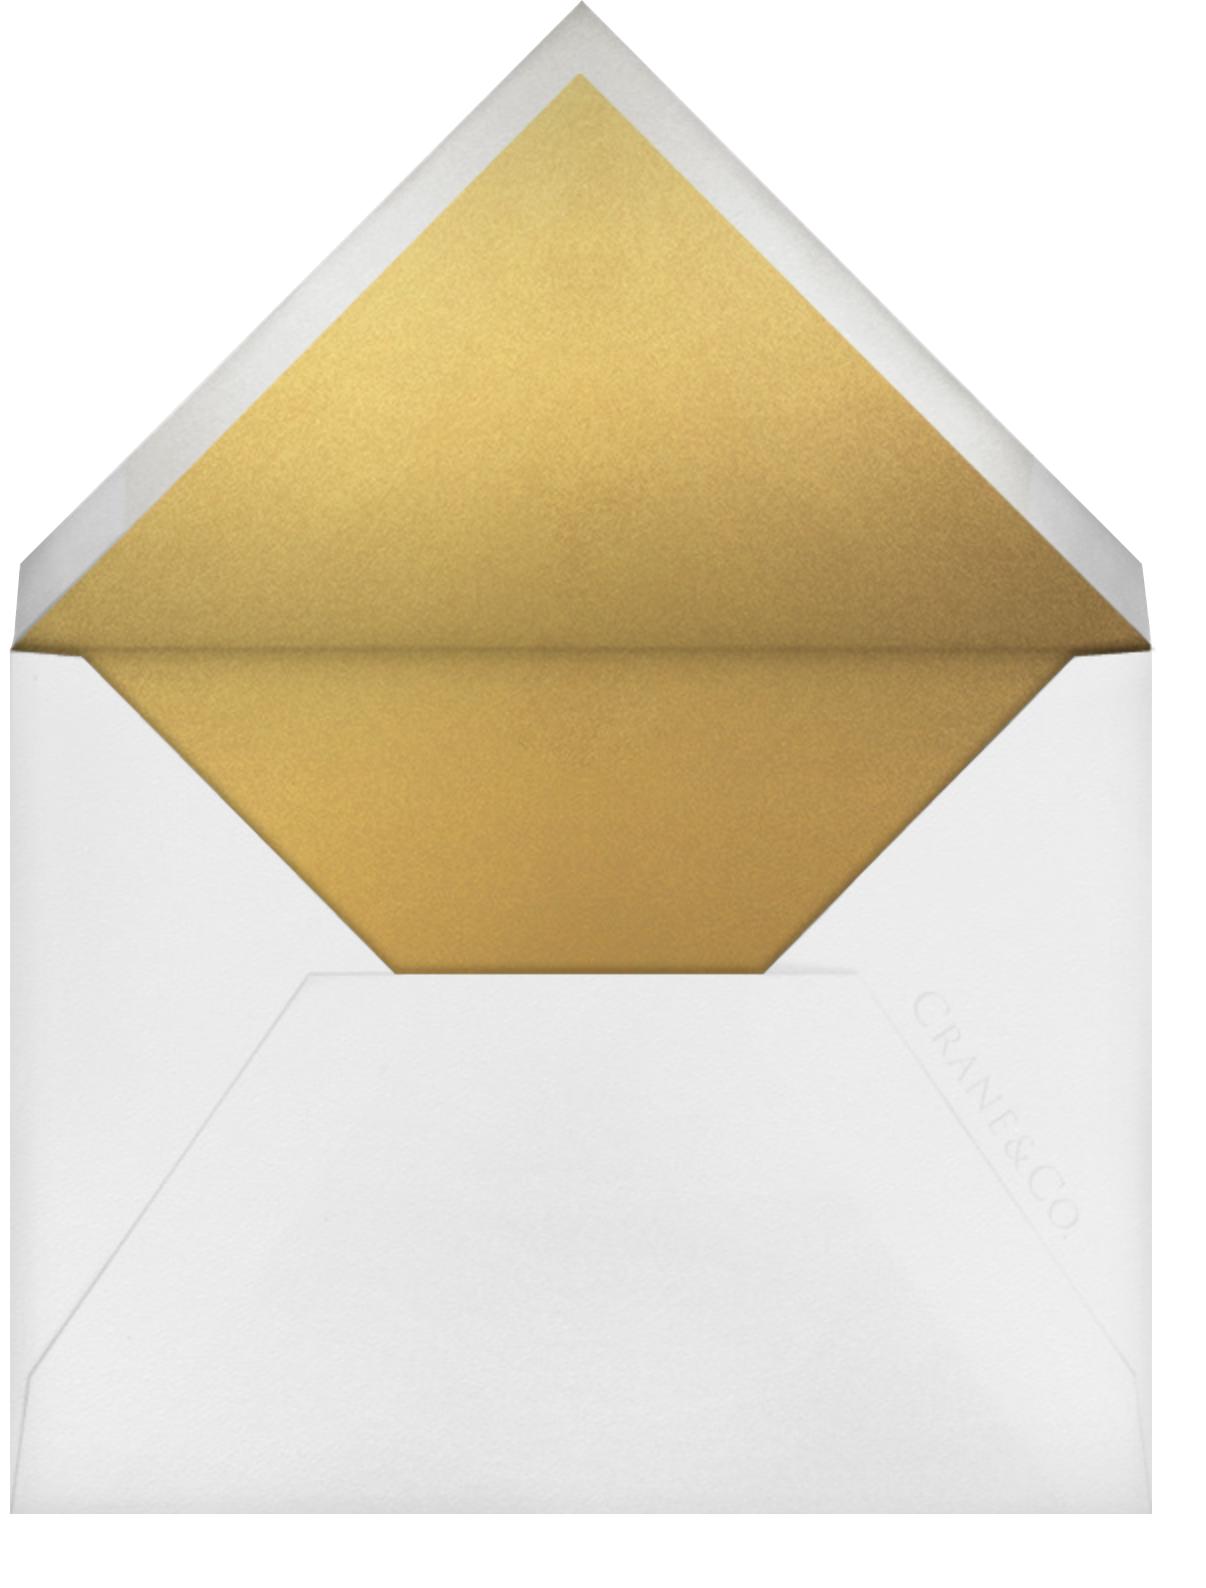 Oliver Park I (Stationery) - kate spade new york - General - envelope back